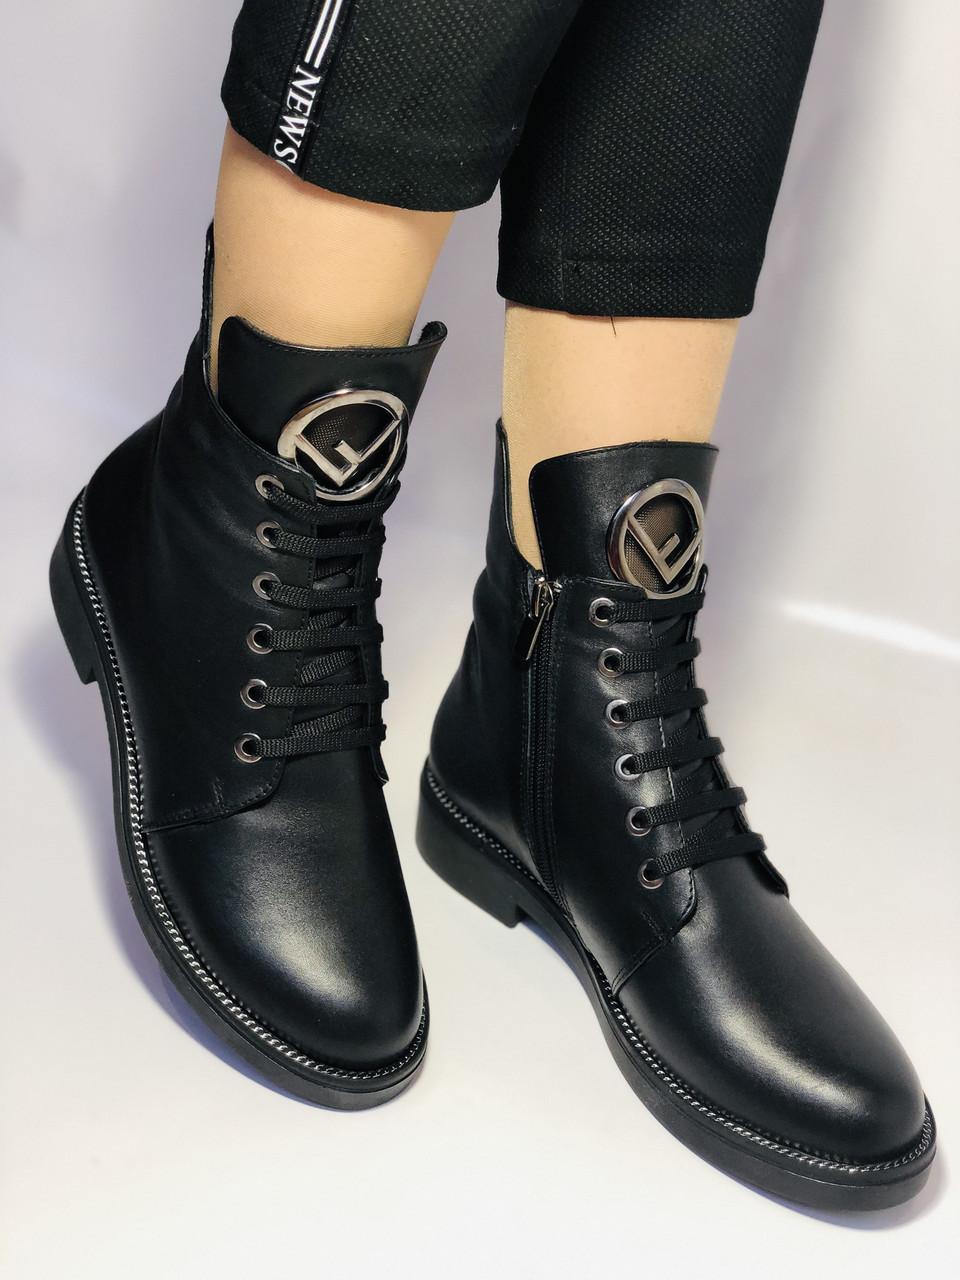 Жіночі осінні черевики на низькому каблуці. Натуральна шкіра.Туреччина. Alvito. р. 36-40. Vellena